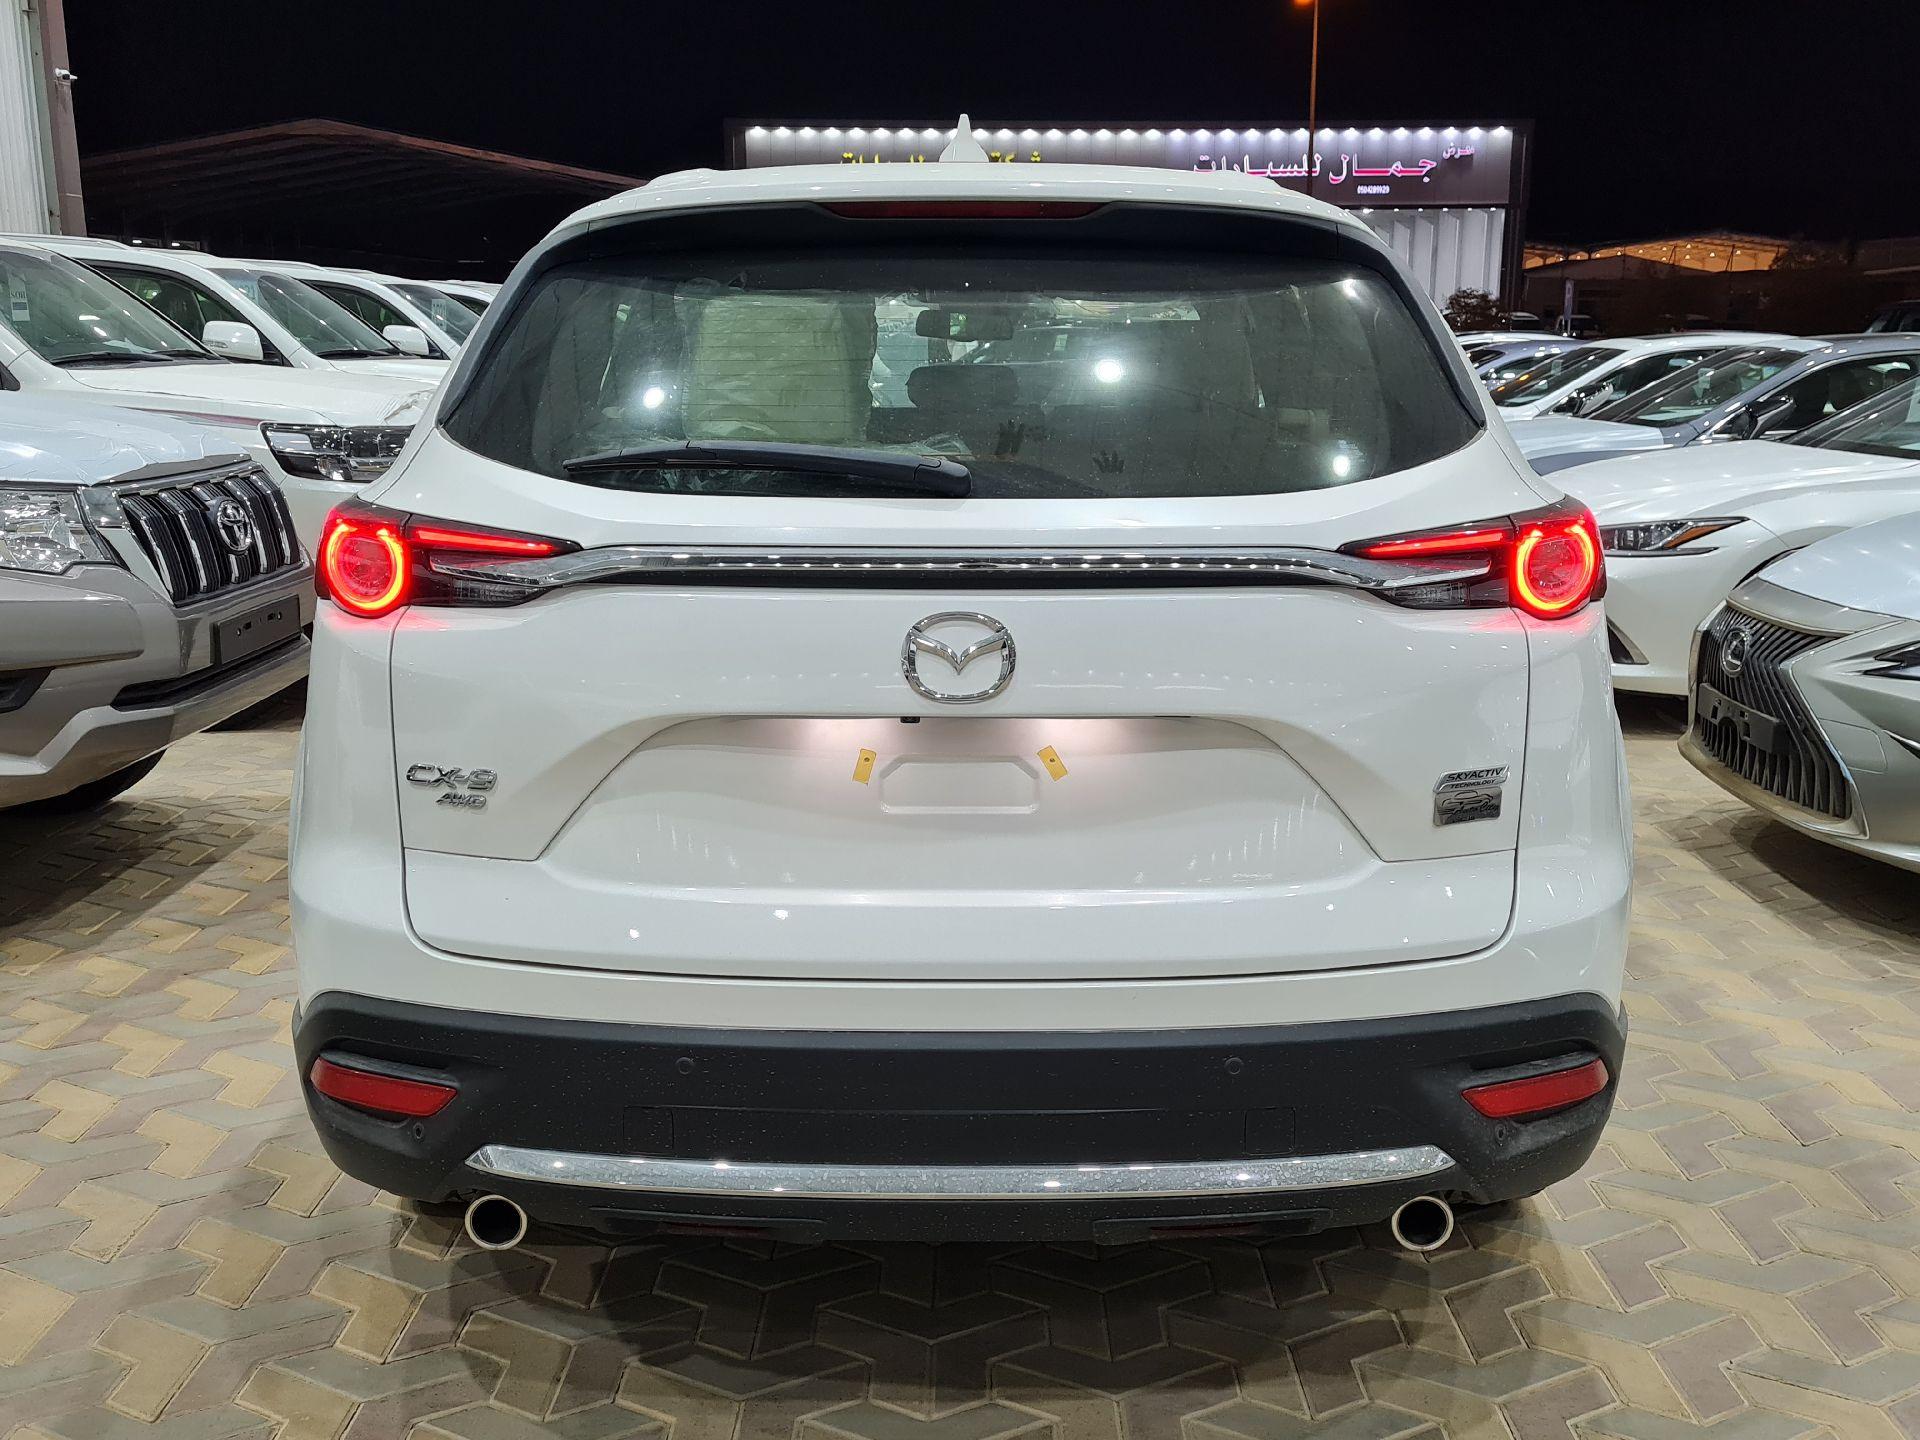 مازدا CX9 فل 2020 دبل خليجي جديد للبيع في الرياض - السعودية - صورة كبيرة - 5